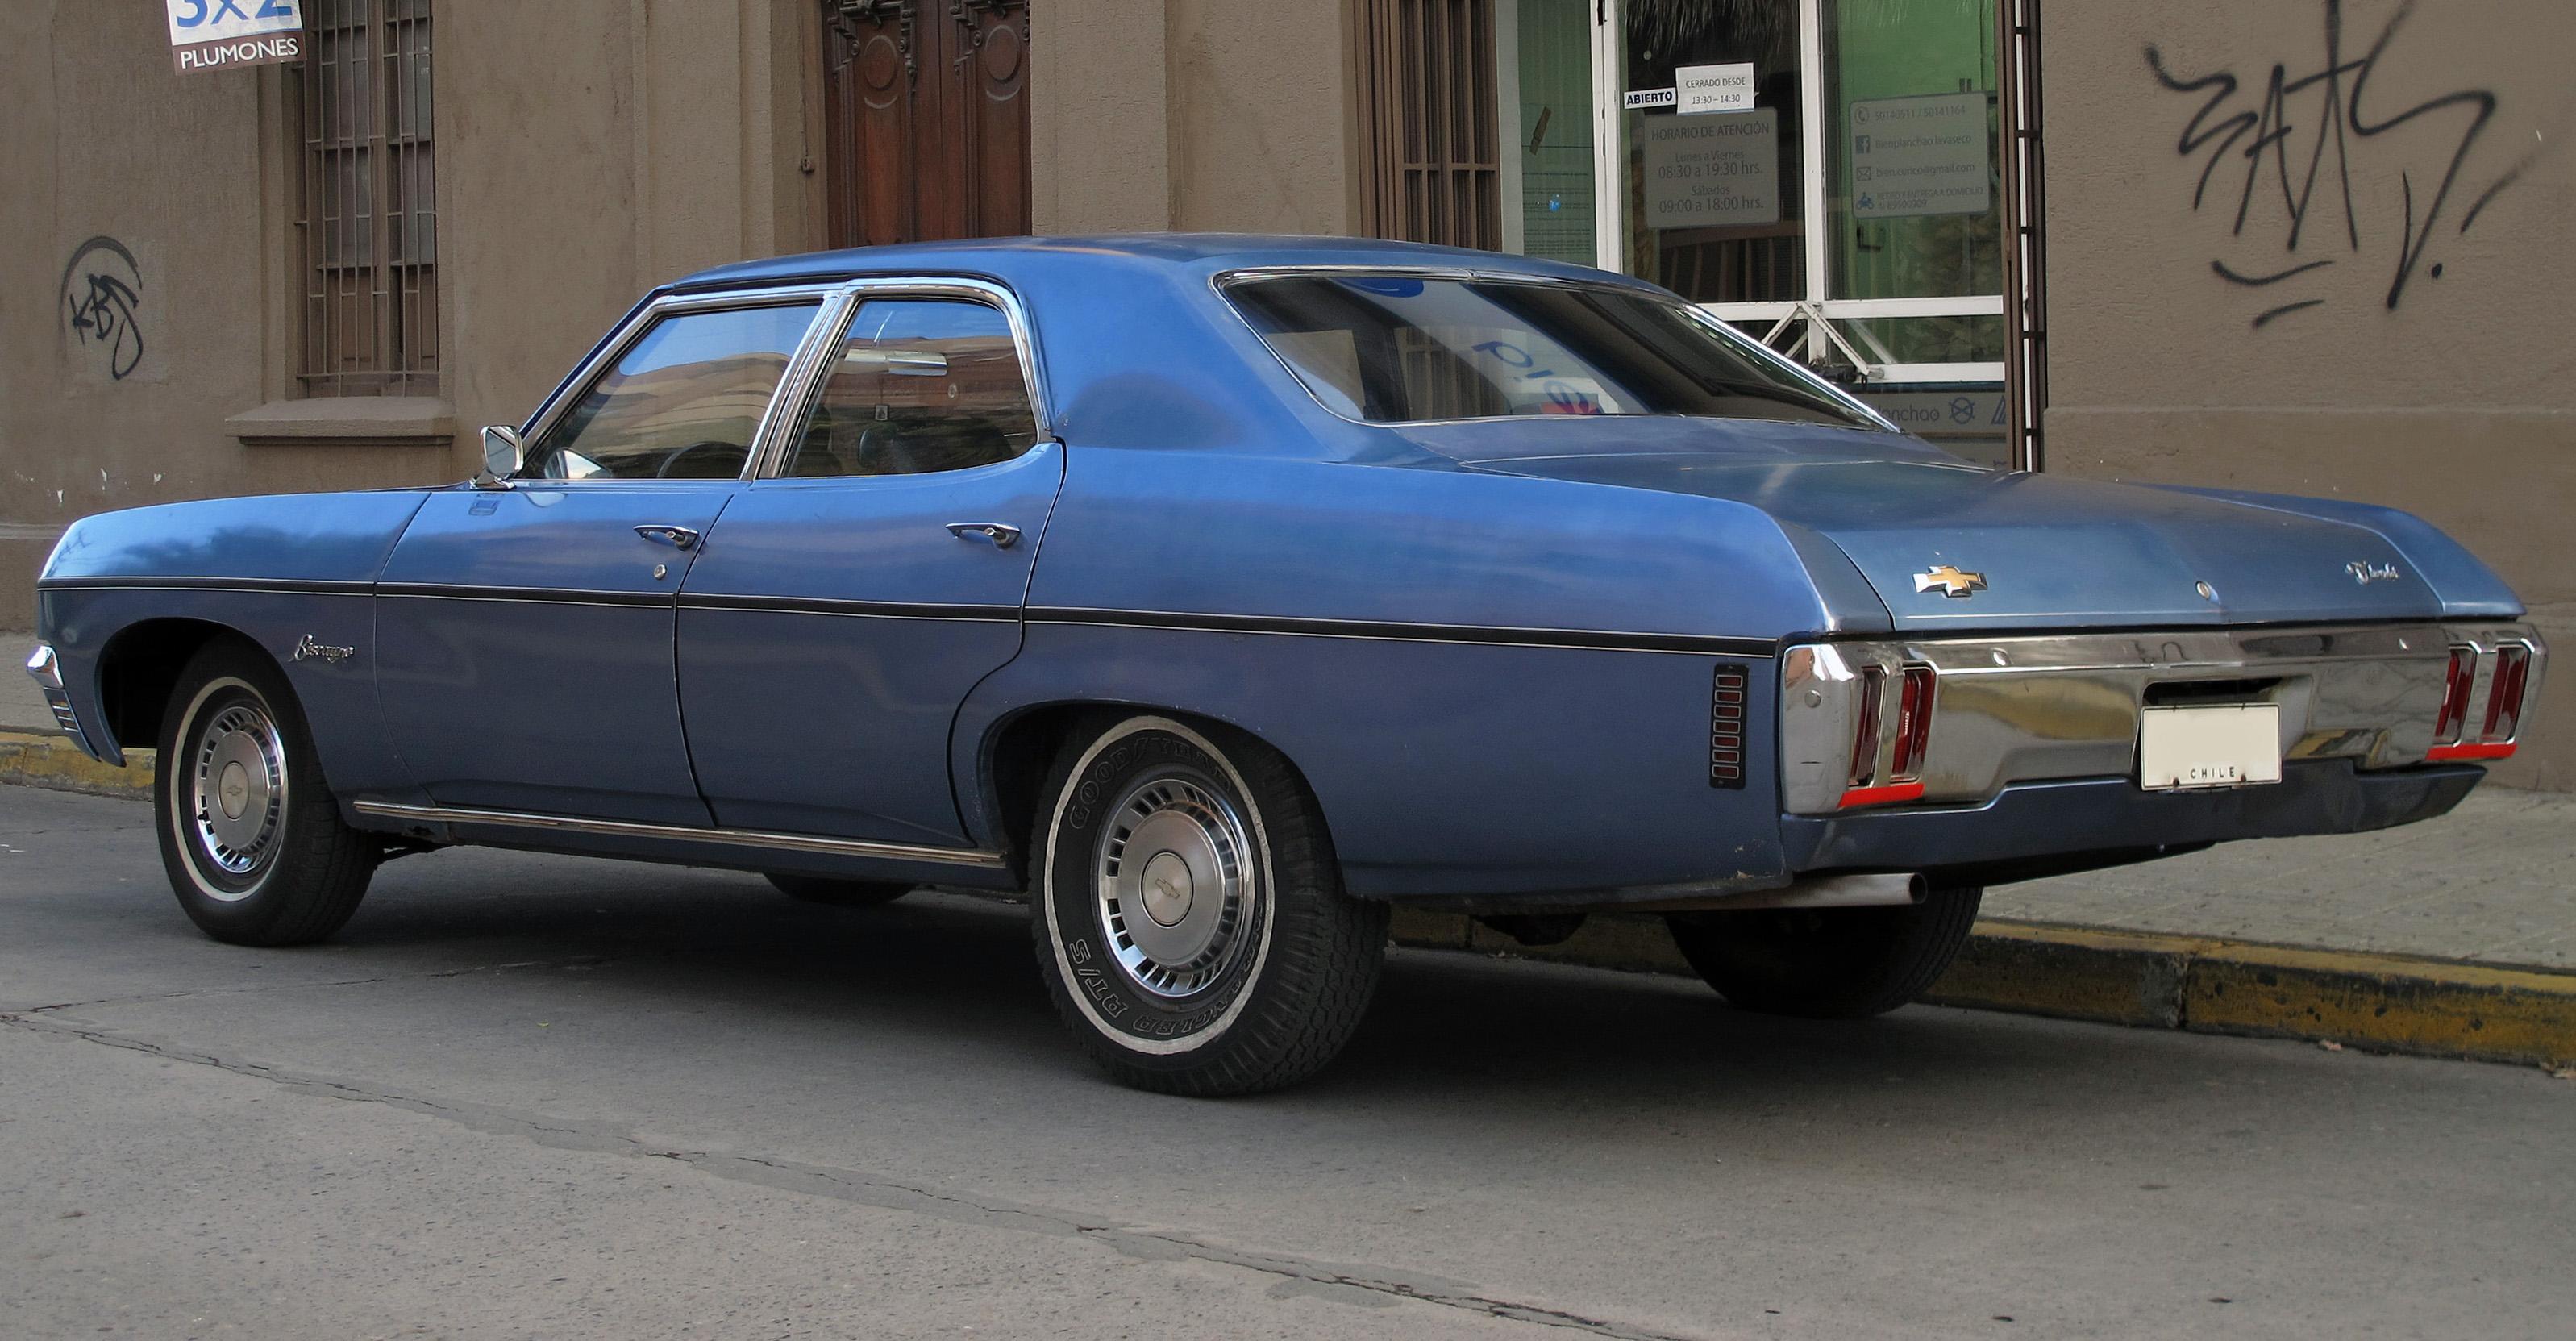 file 1970 chevrolet biscayne 4 door sedan rear left jpg wikimedia commons https commons wikimedia org wiki file 1970 chevrolet biscayne 4 door sedan rear left jpg